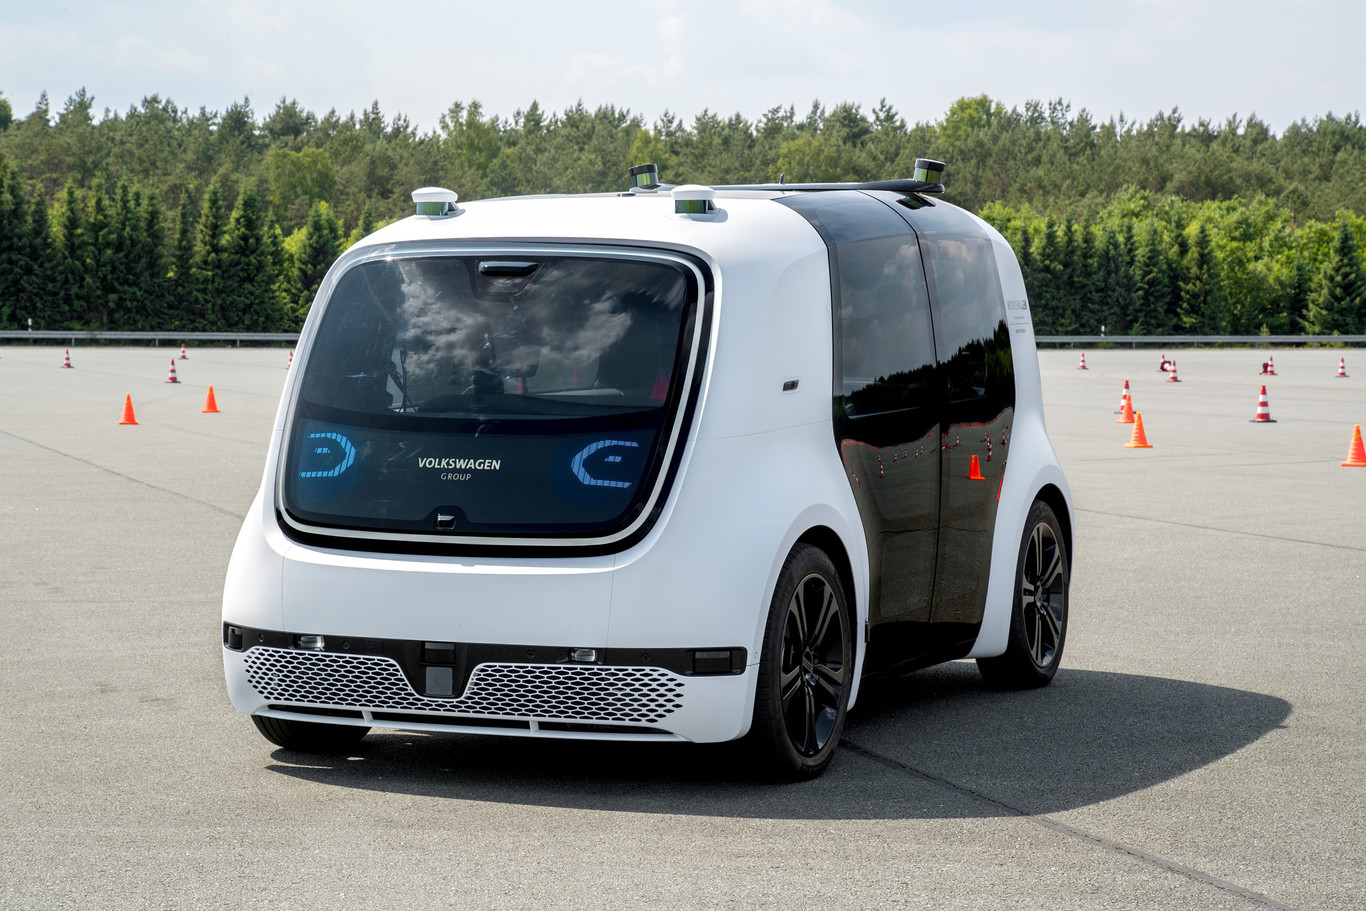 Probamos el Volkswagen SEDRIC, el coche autónomo de nivel 5 que promete ser tu taxi del futuro